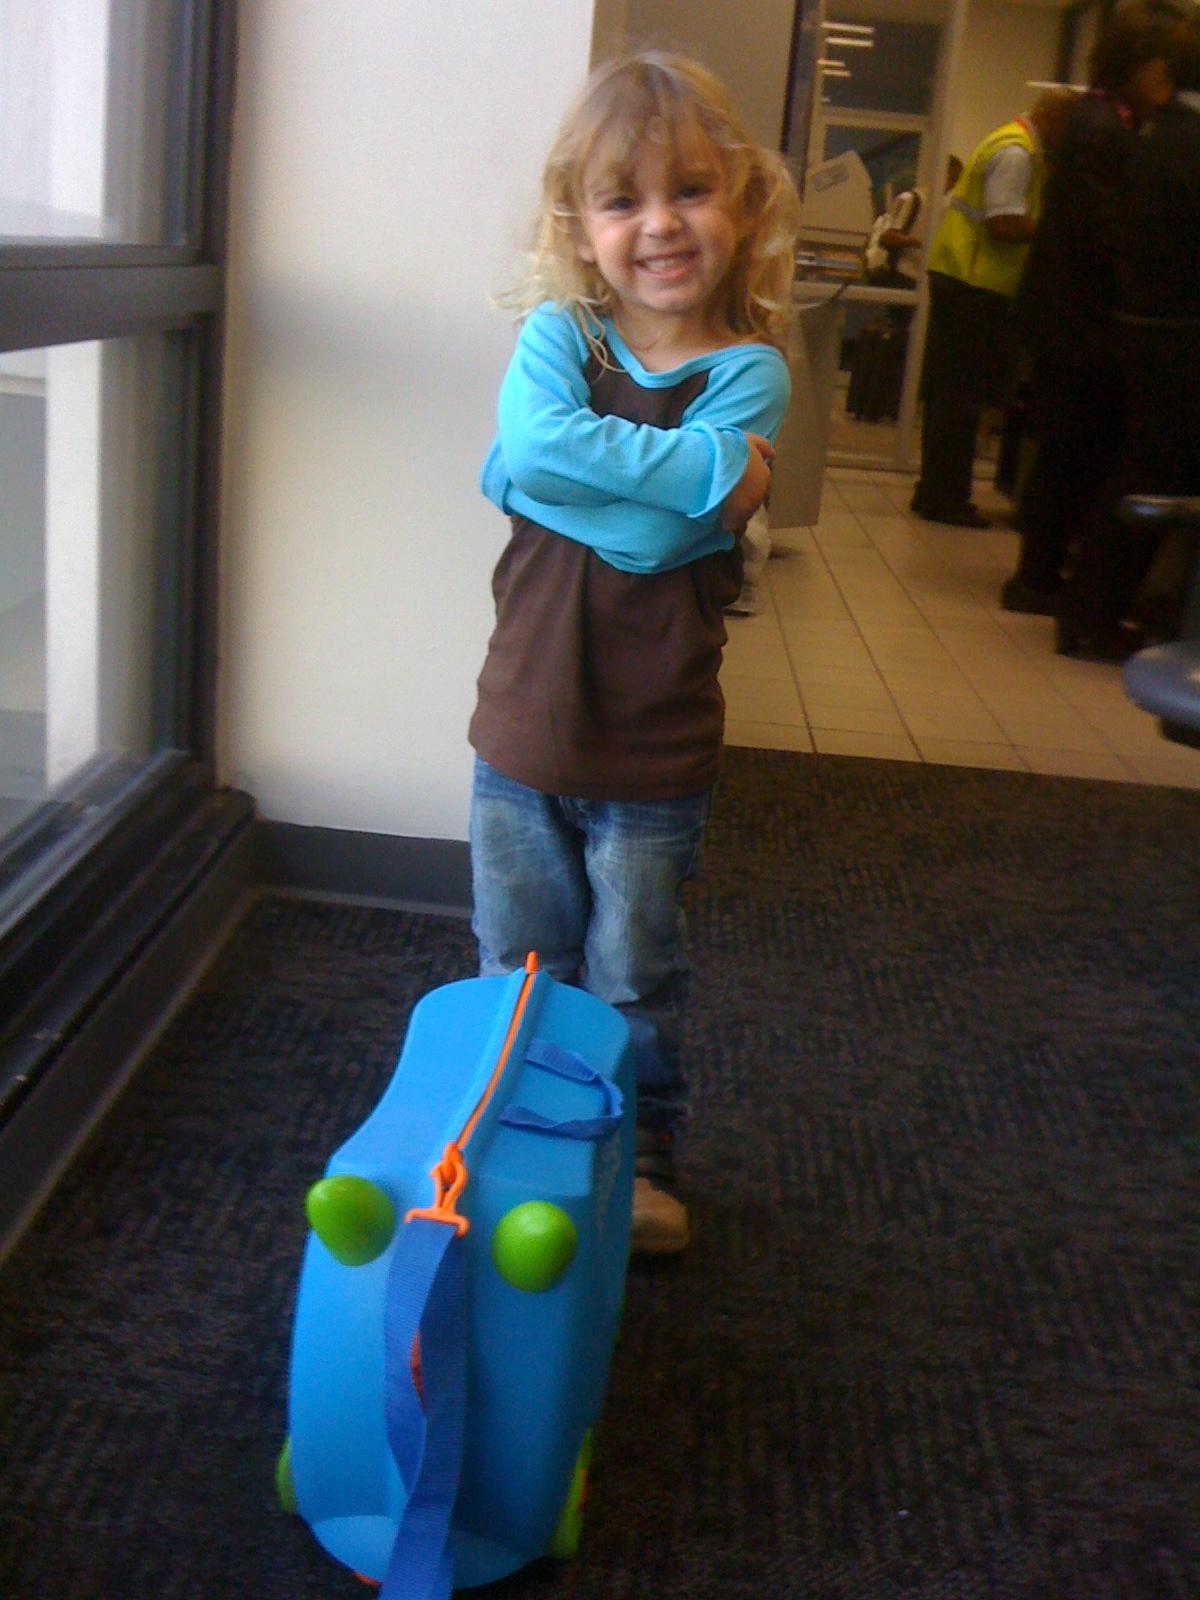 Buscando una maleta de mano para el nene encontré a Trunki; que es un éxito y le saca sonrisas a padres, niños y empleados de seguridad en todo aereopuerto. Funciona también para halar al nene y viene en diferentes colores y con calcomanías. Foto: Bruny Nieves